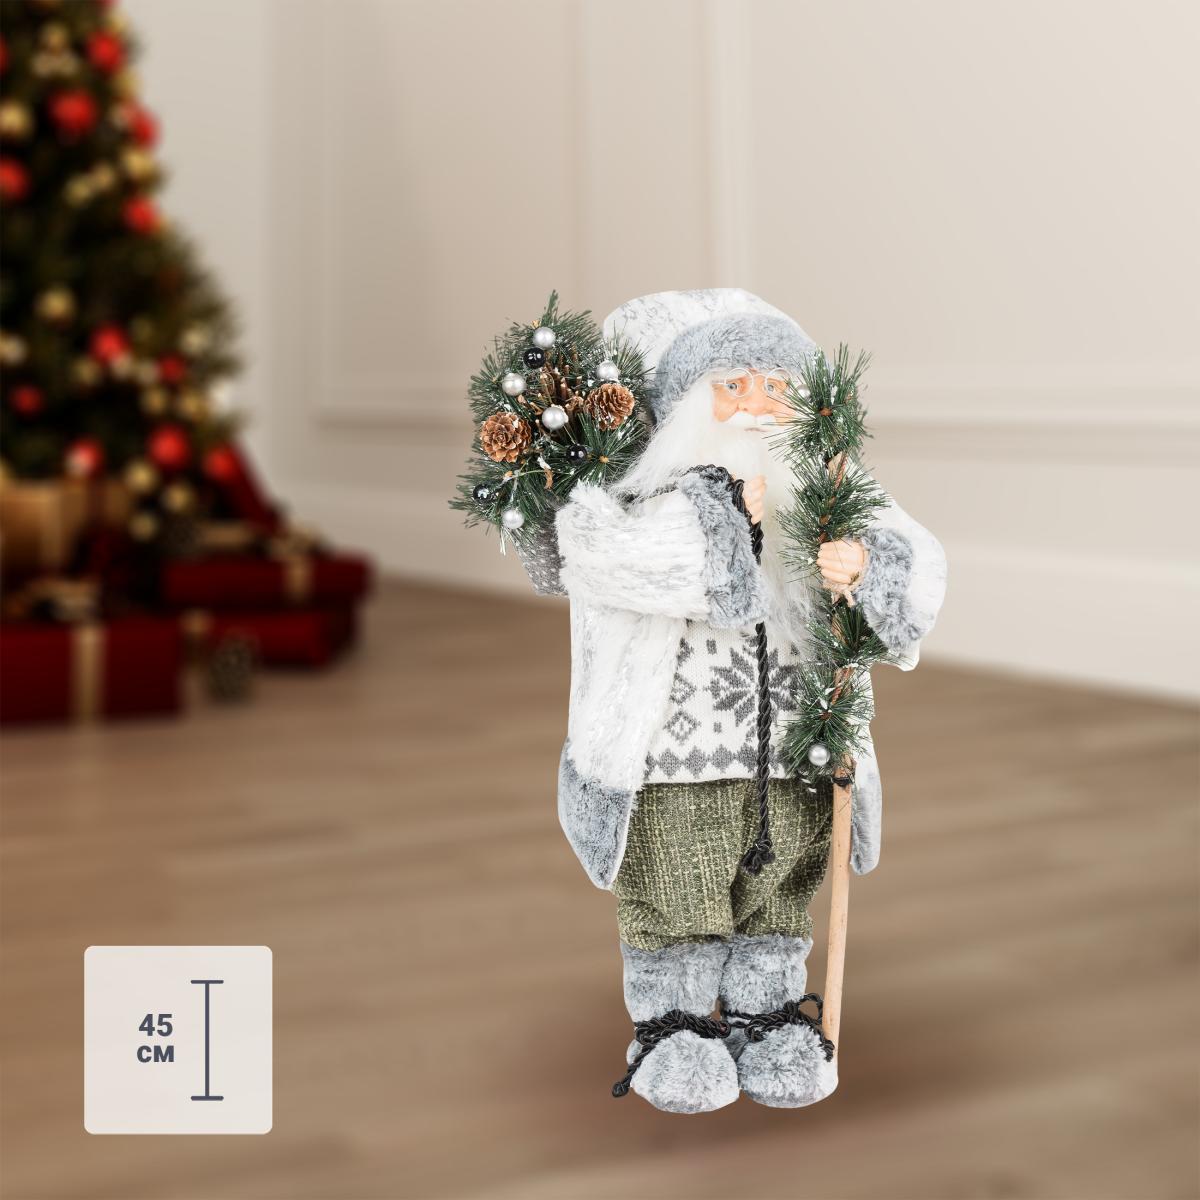 Декоративная фигура «Санта-Клаус» 45 см